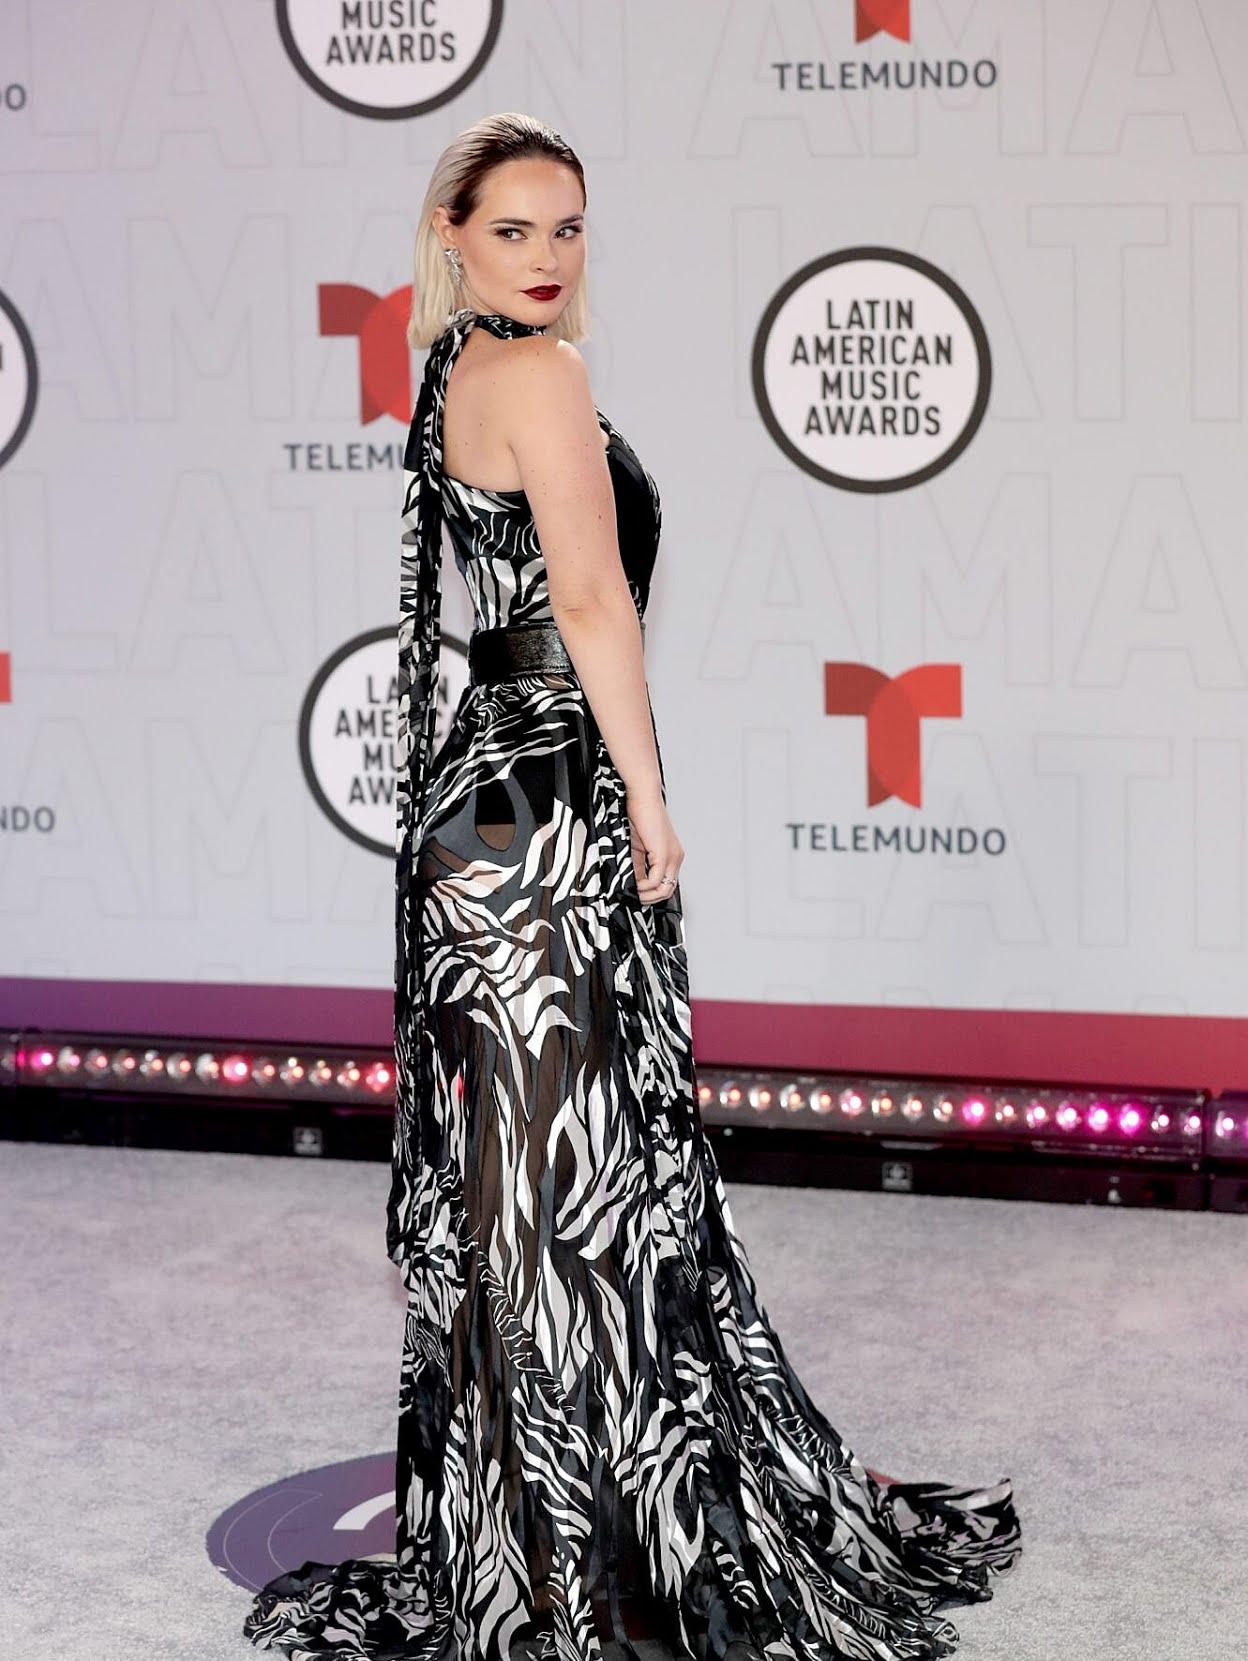 Fabiola Guajardo con una sofisticada creación en estampado blanco y negro